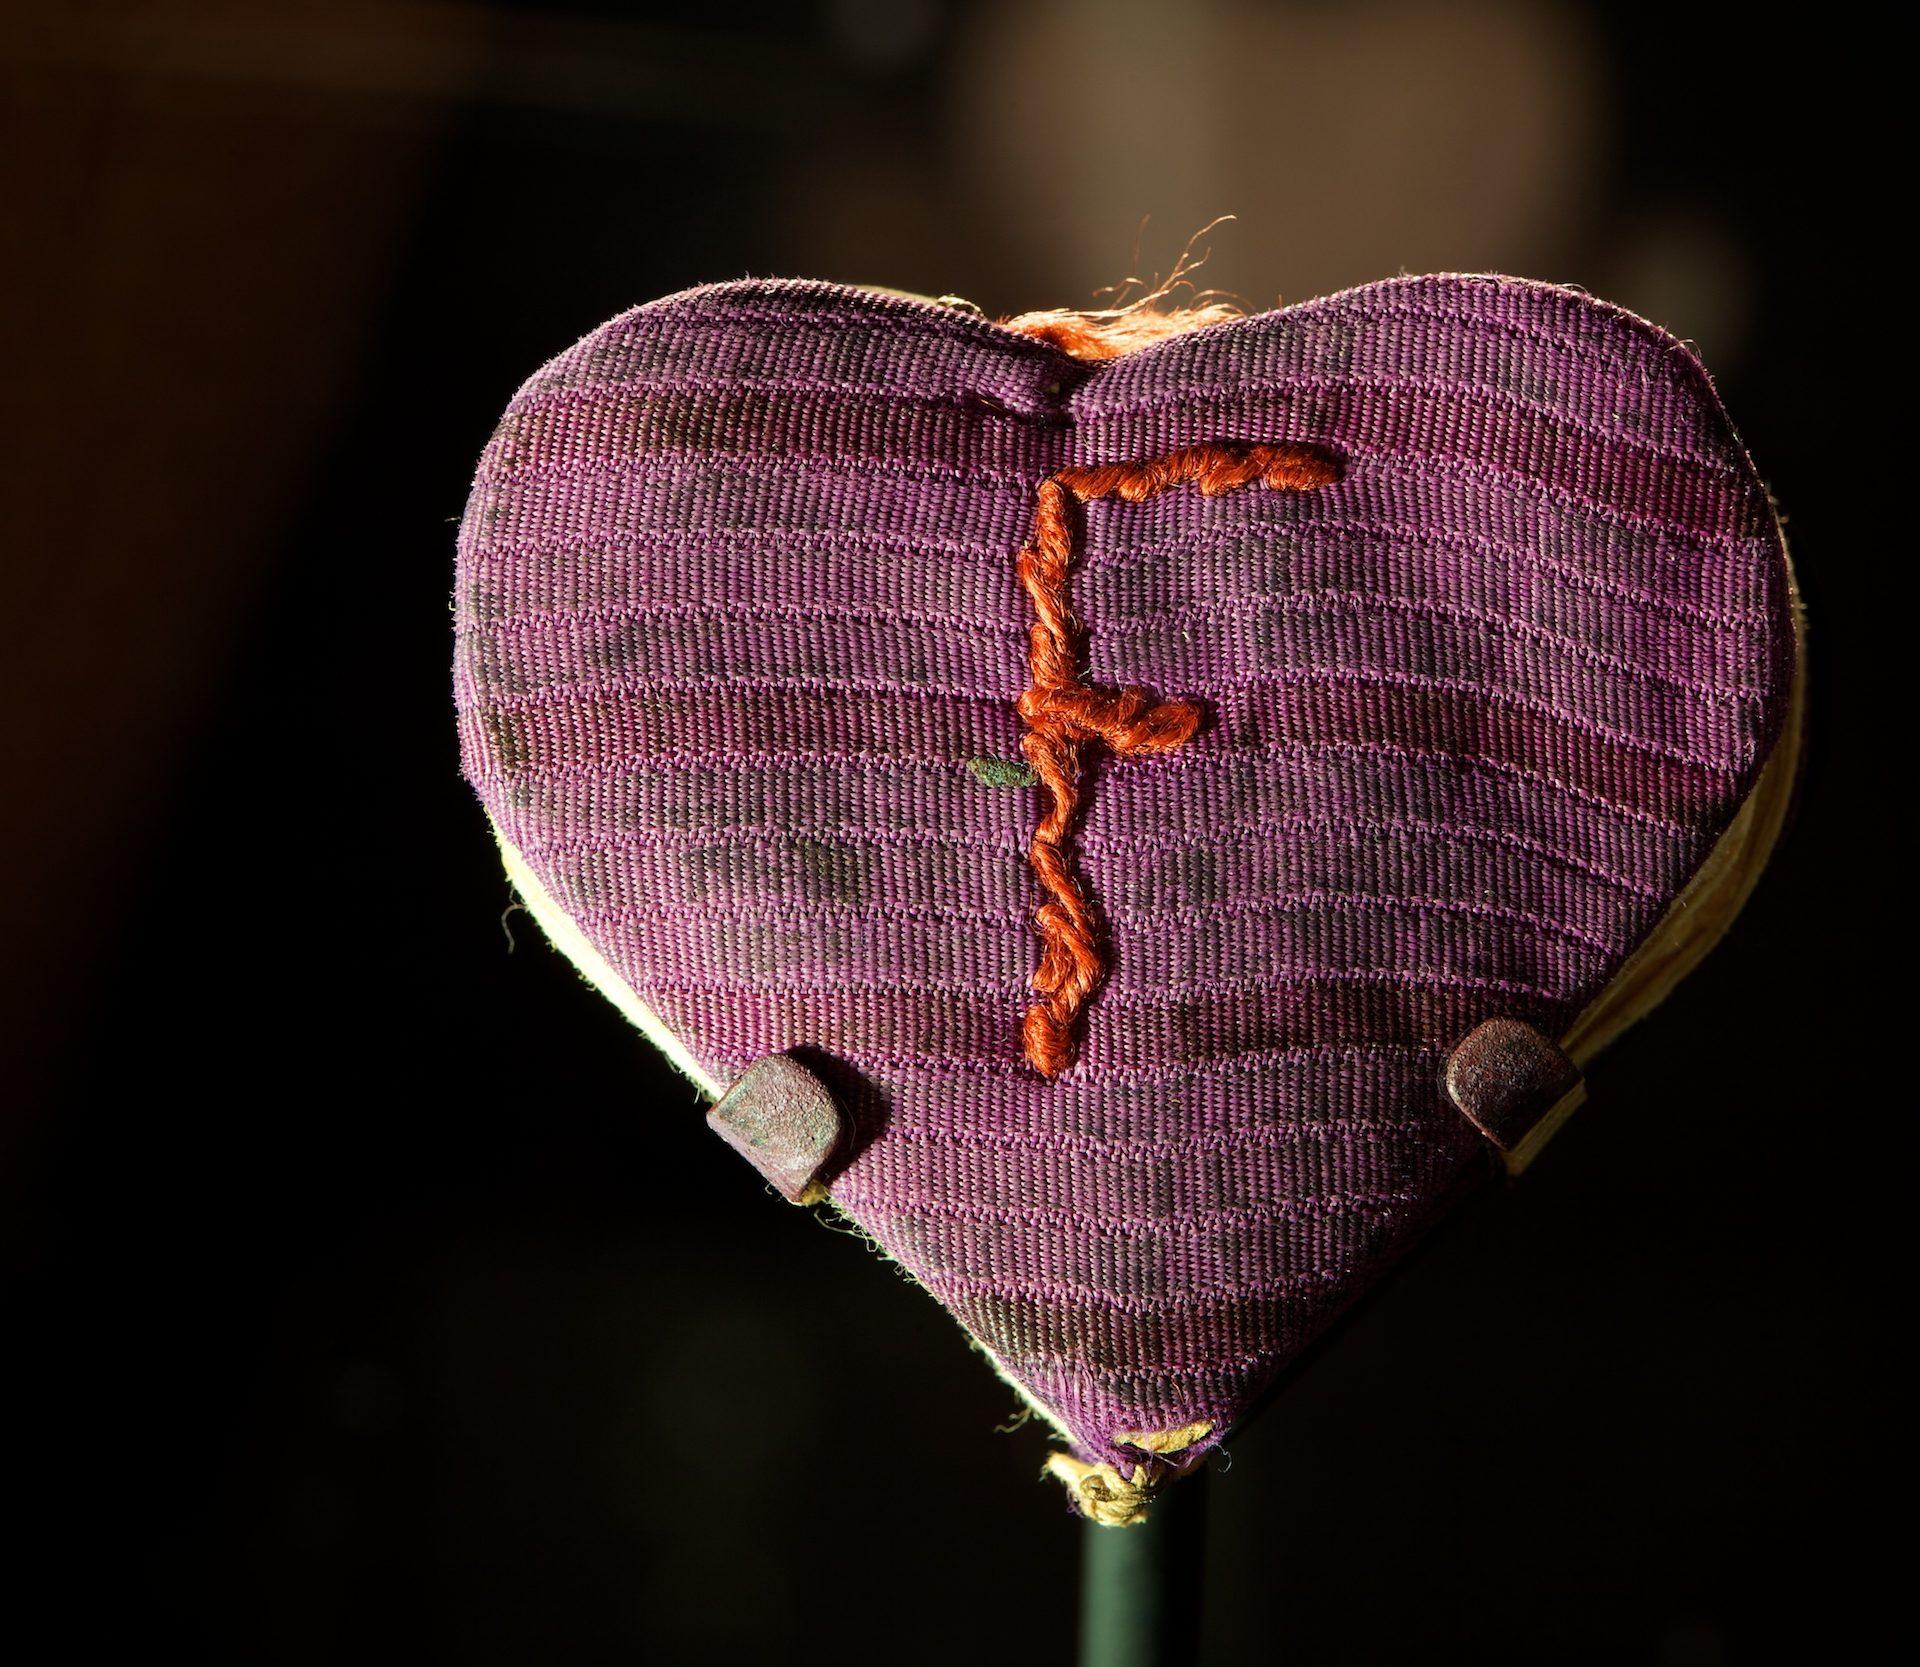 Ce carnet en forme de coeur est une carte de souhaits offerte à Fania Fainer pour son 20e anniversaire, le 12 décembre 1944, lorsqu'elle était à Auschwitz.  du ghetto de Varsovie. © Musée de l'Holocauste Montréal